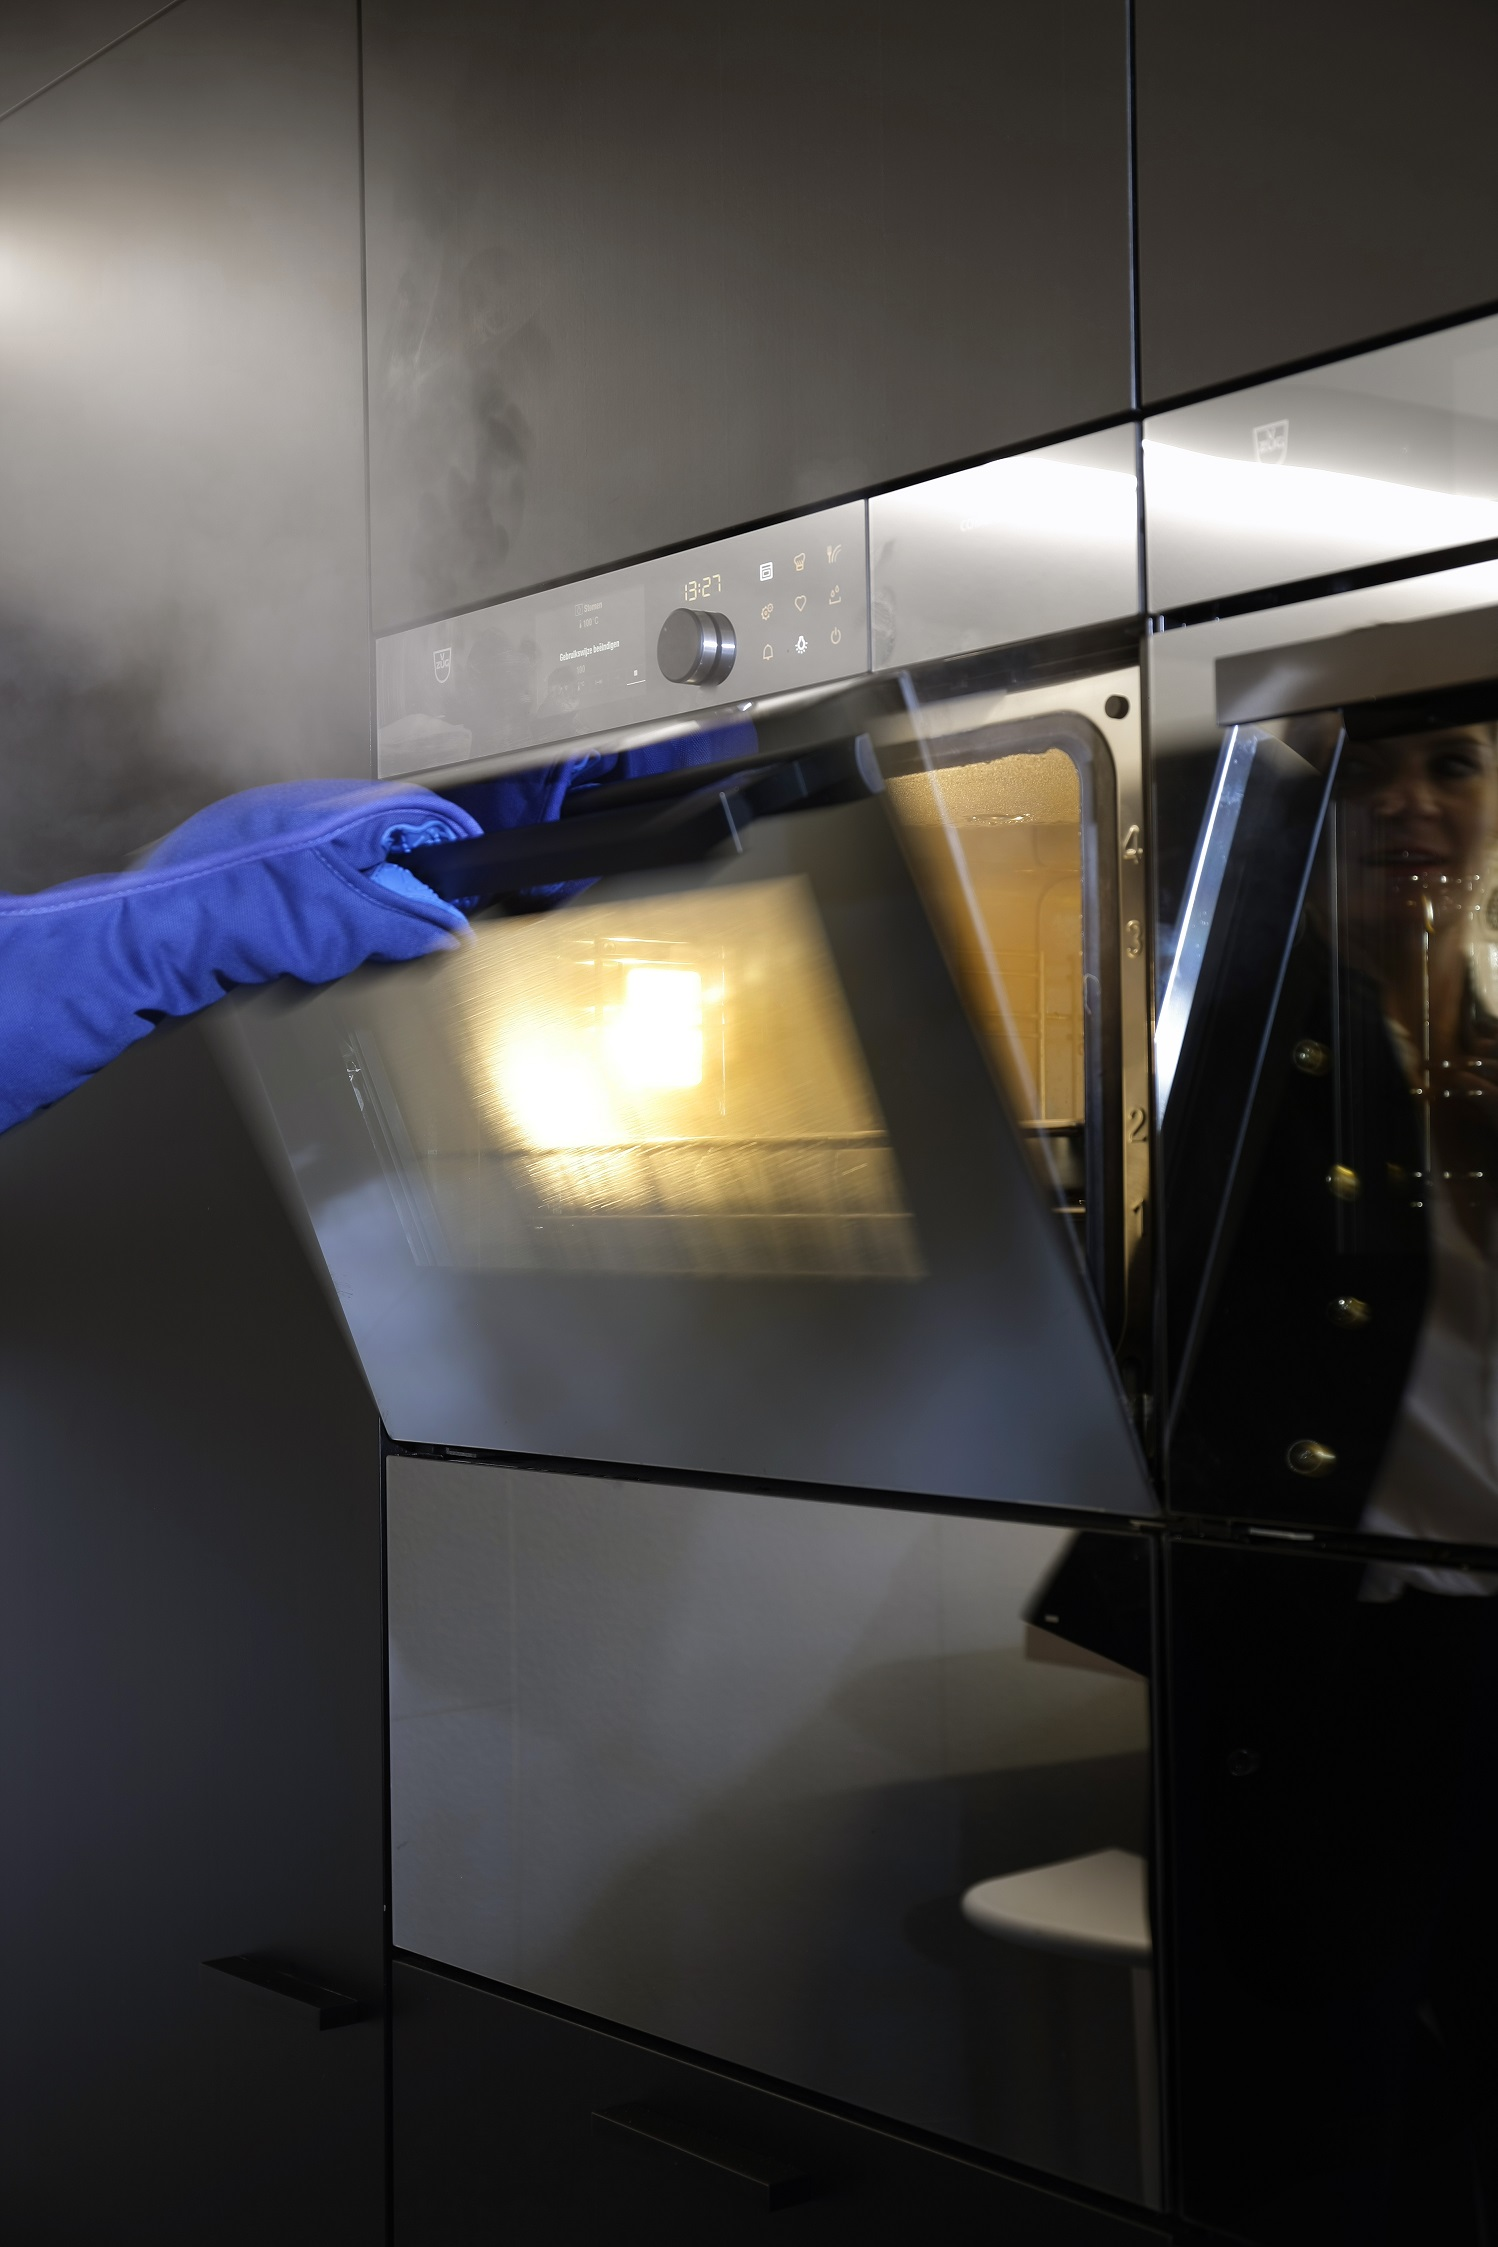 V-ZUG ovens